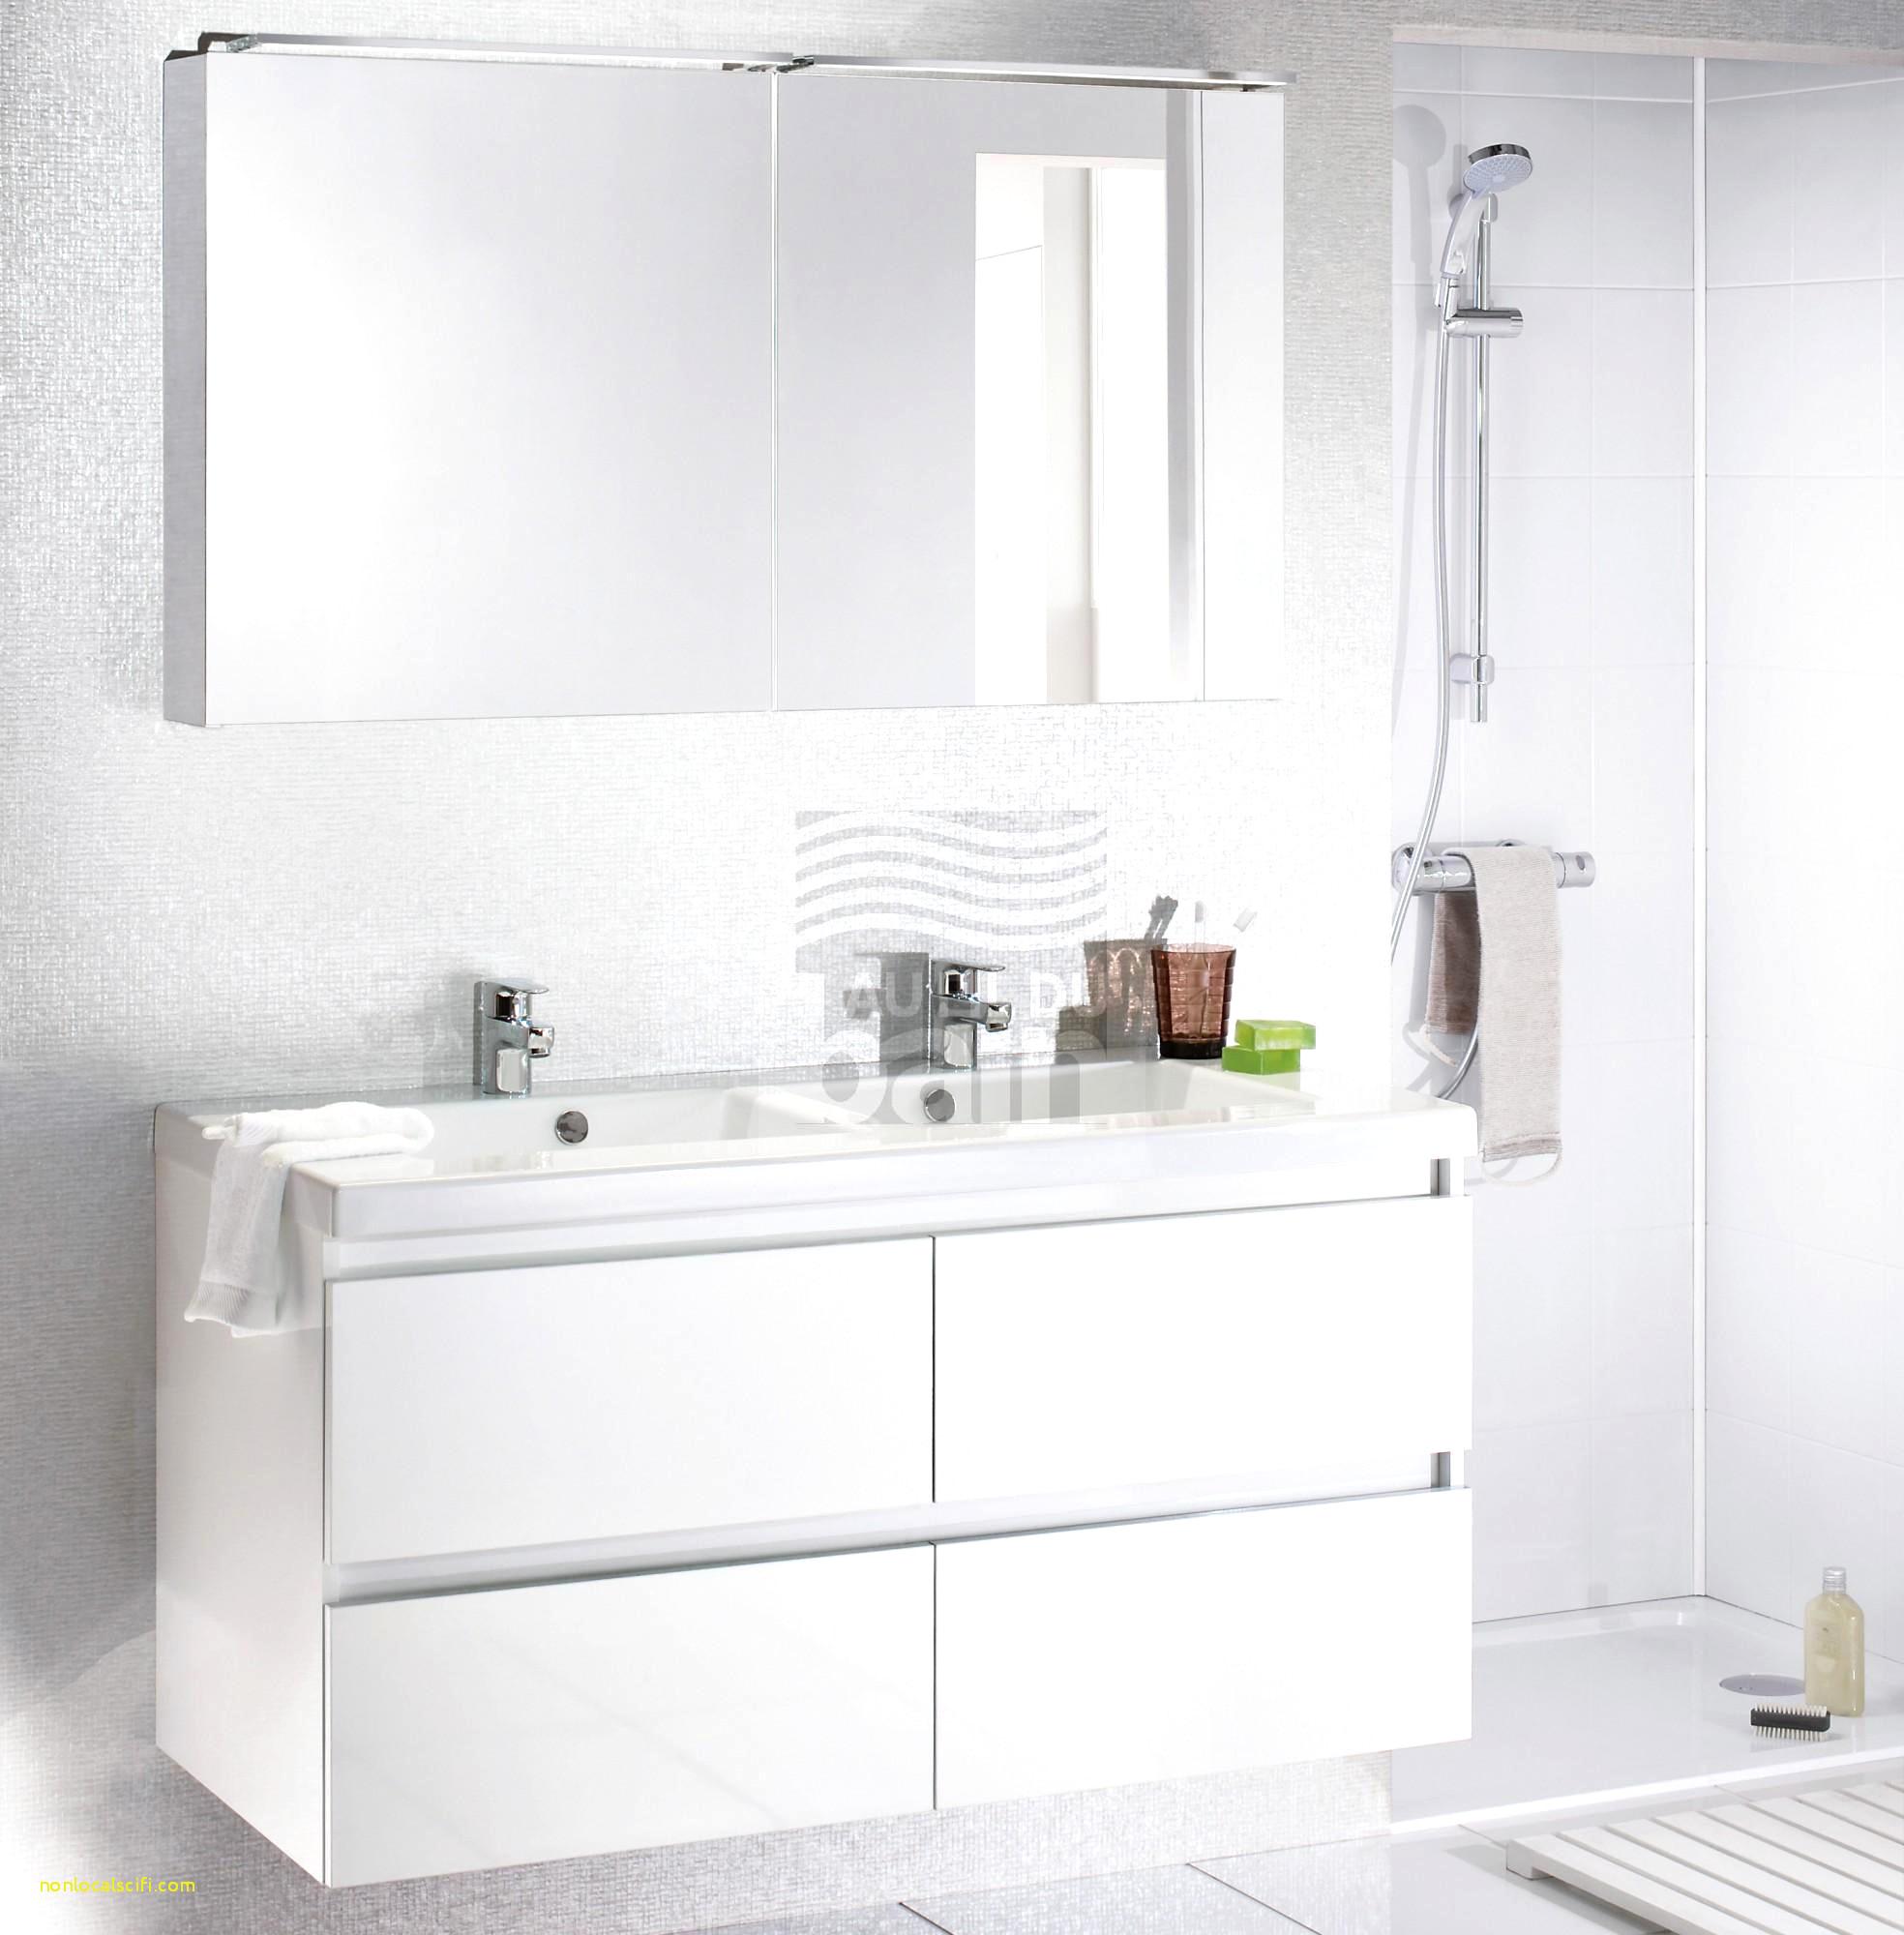 Vasque Salle De Bain Ikea Élégant Stock Résultat Supérieur 99 Frais 2 Vasques Salle De Bain Graphie